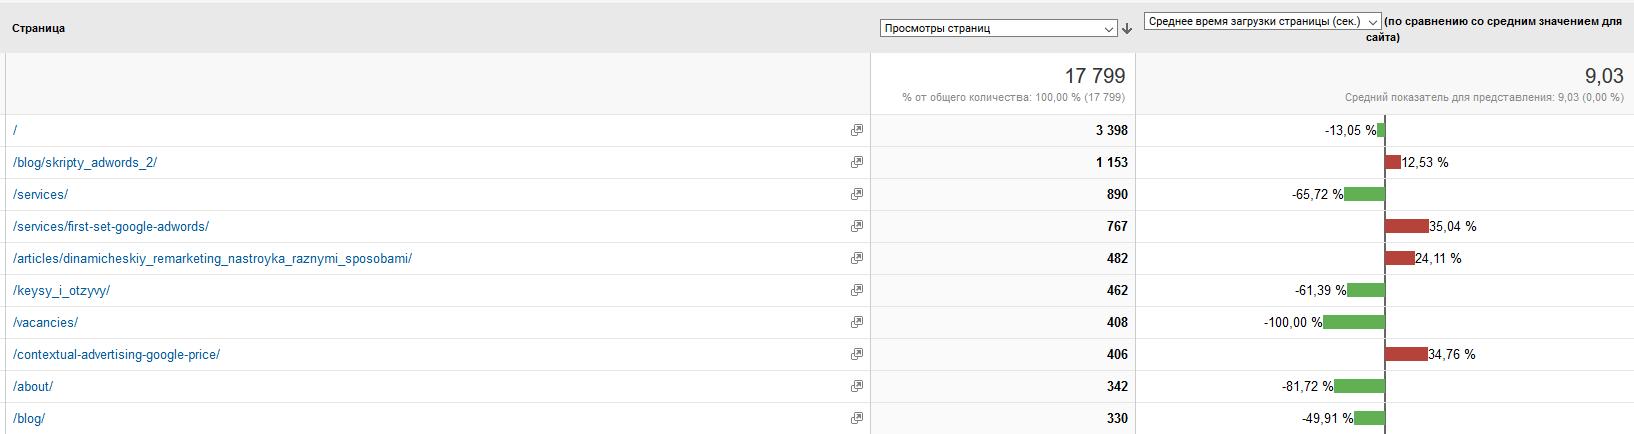 Время загрузки страниц в google analytics